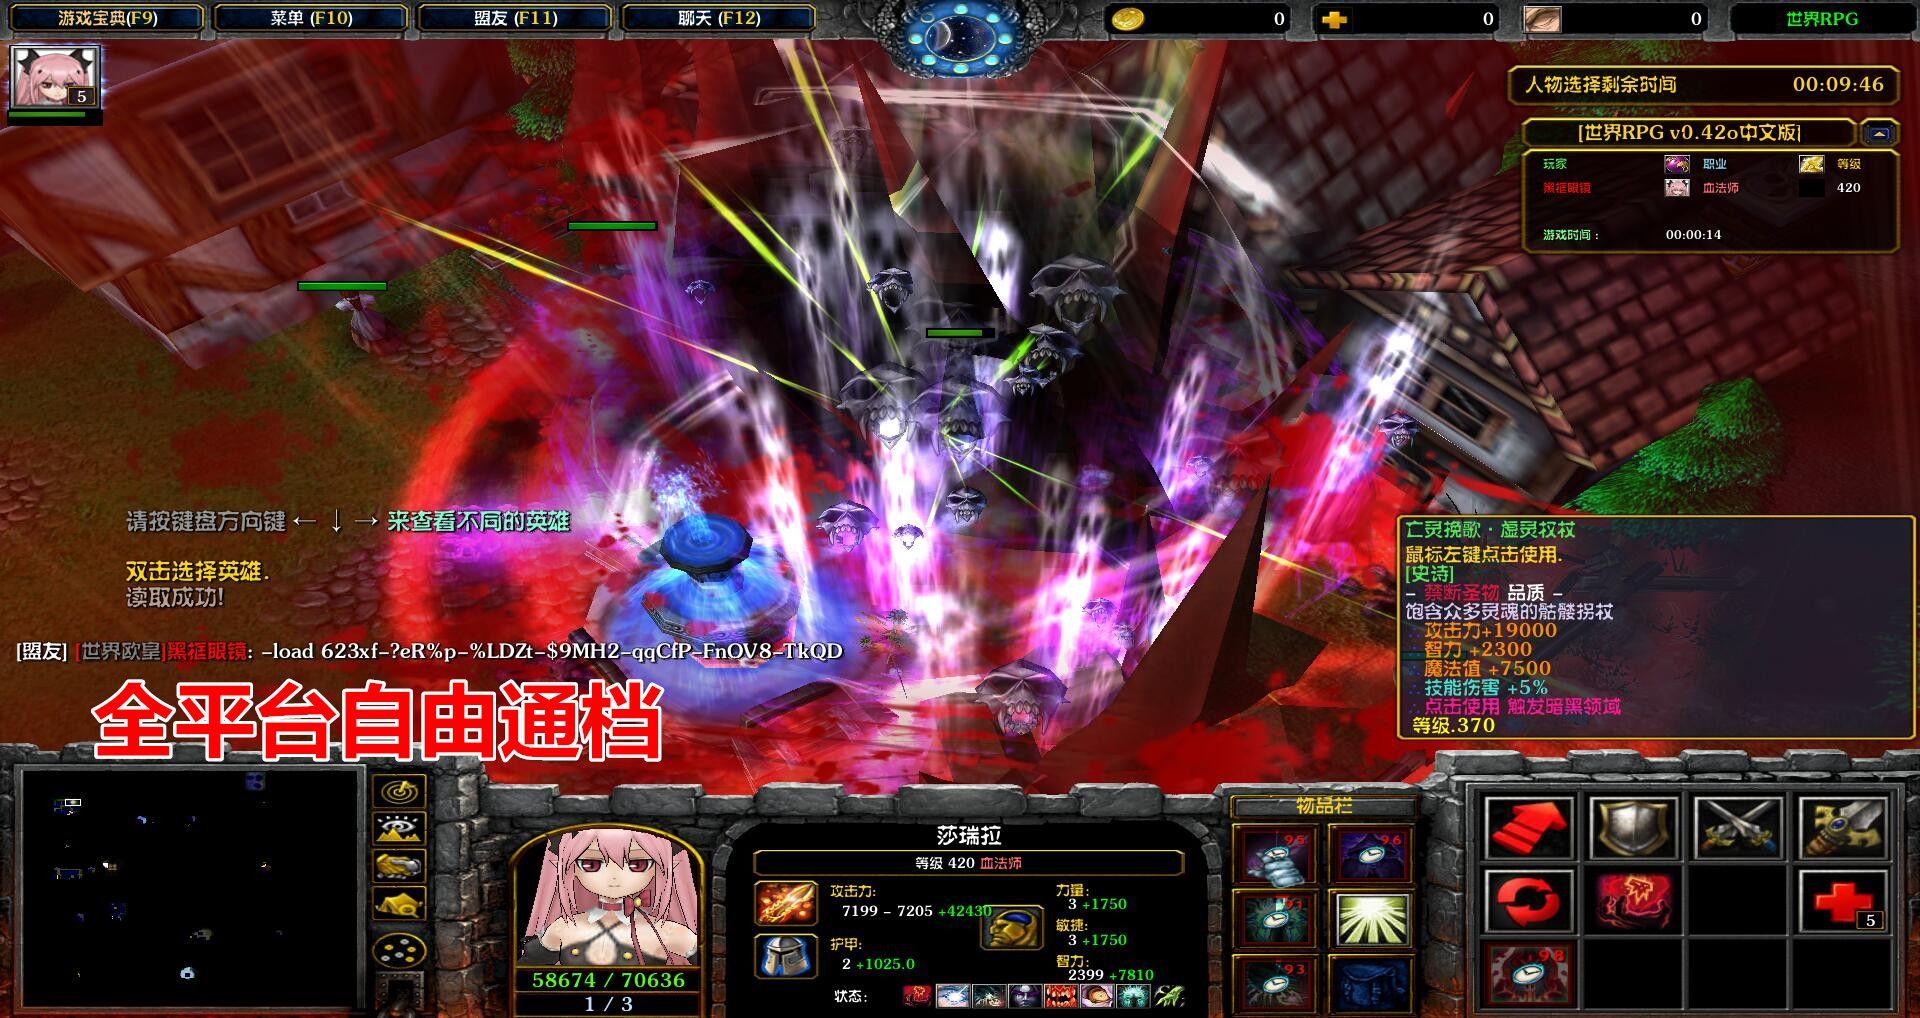 世界RPGv0.42o中文破解版